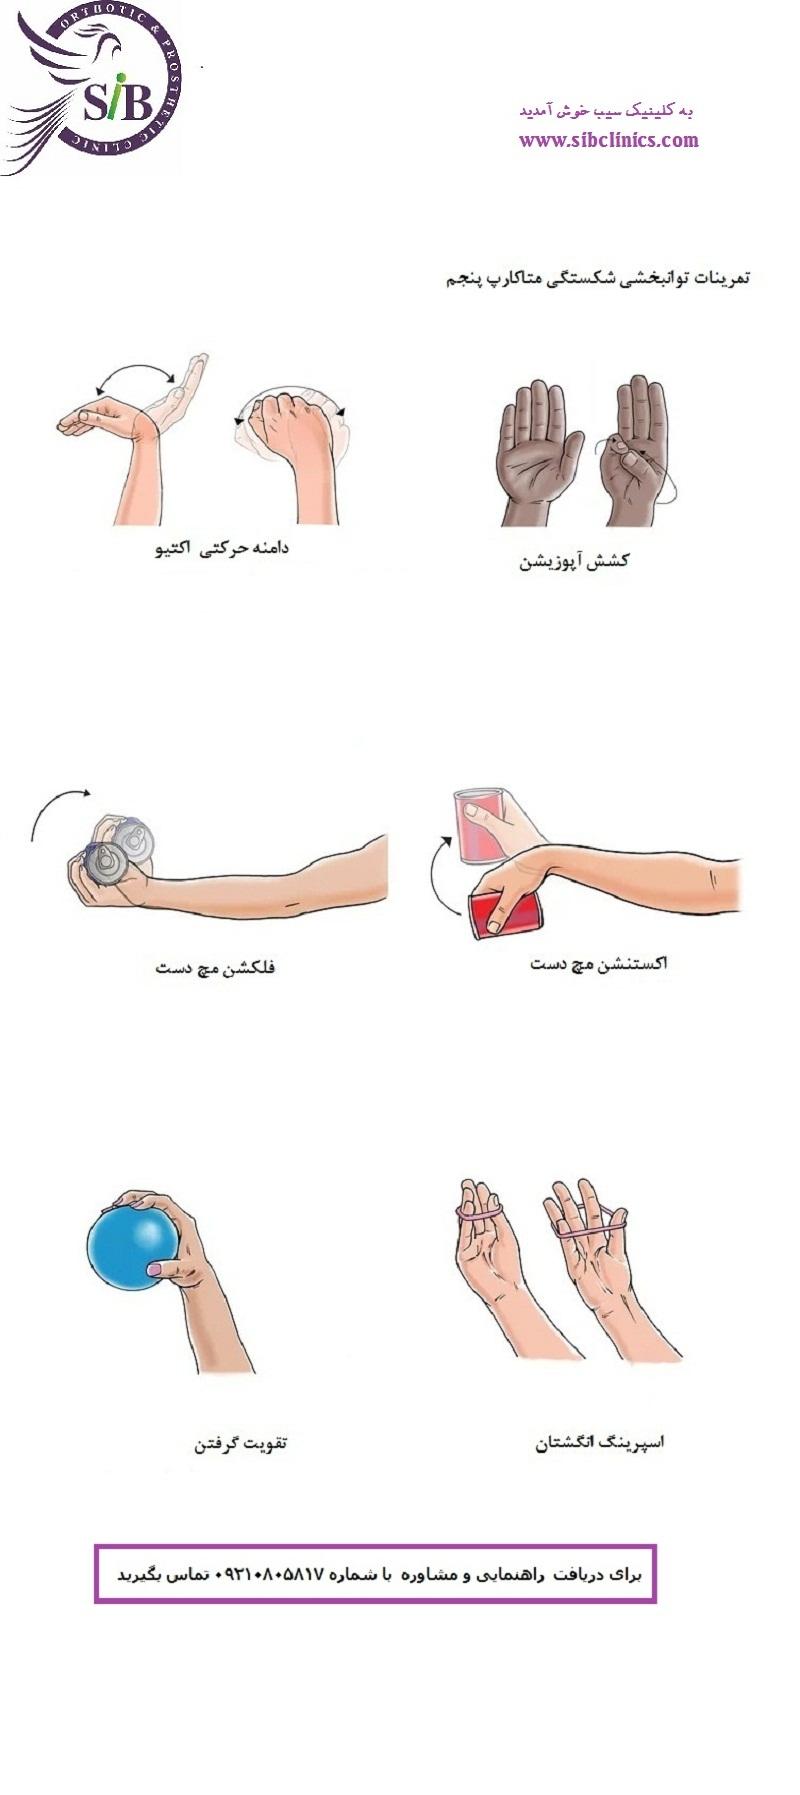 تمرینات توانبخشی اندام فوقانی26